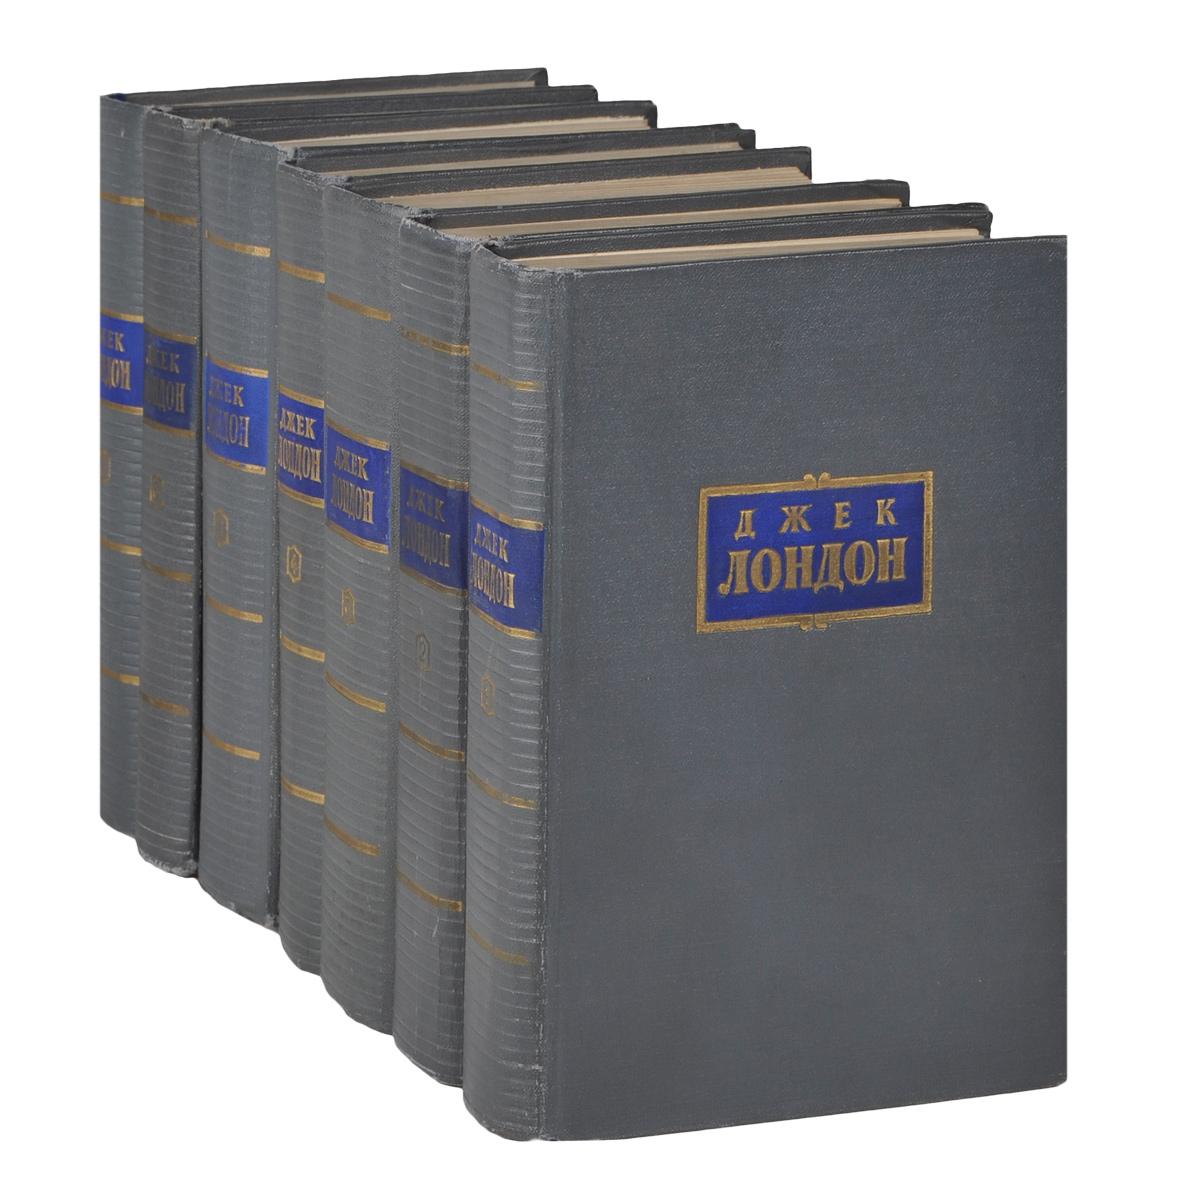 Фото - Джек Лондон Джек Лондон. Собрание сочинений (комплект из 7 книг) е лехерзак 0 москва лондон комплект из 3 книг